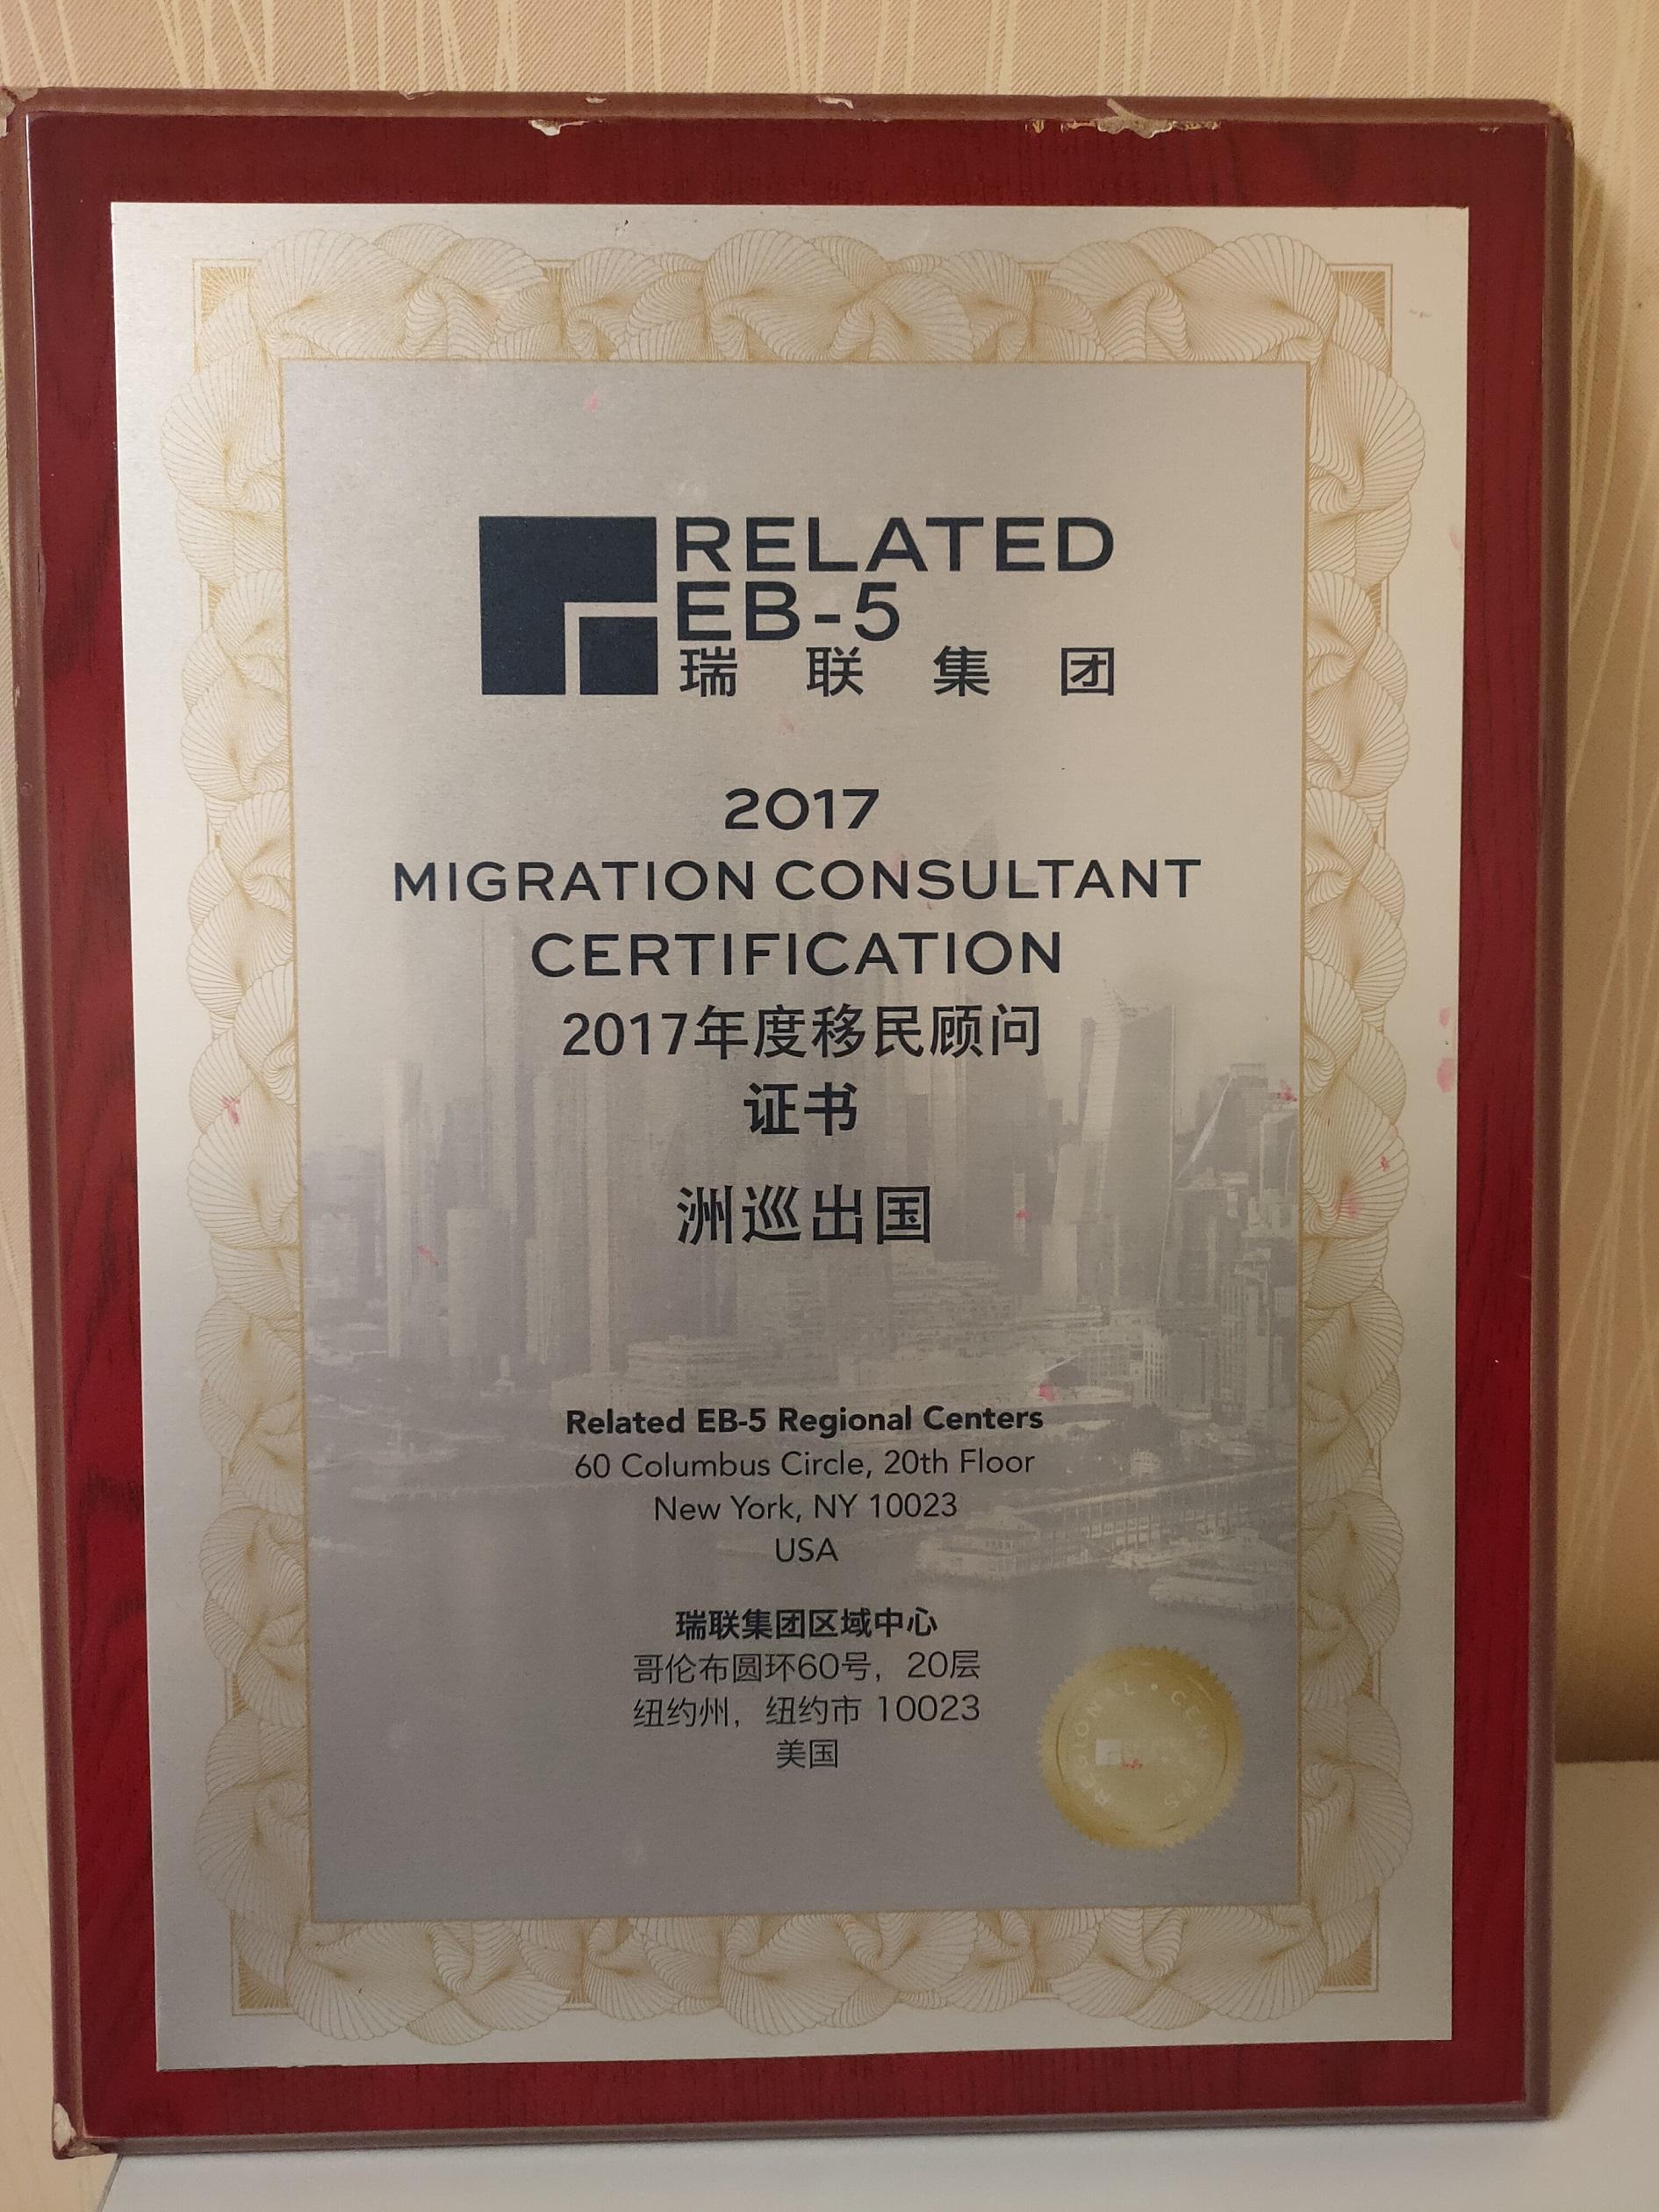 瑞联集团2017年度移民顾问